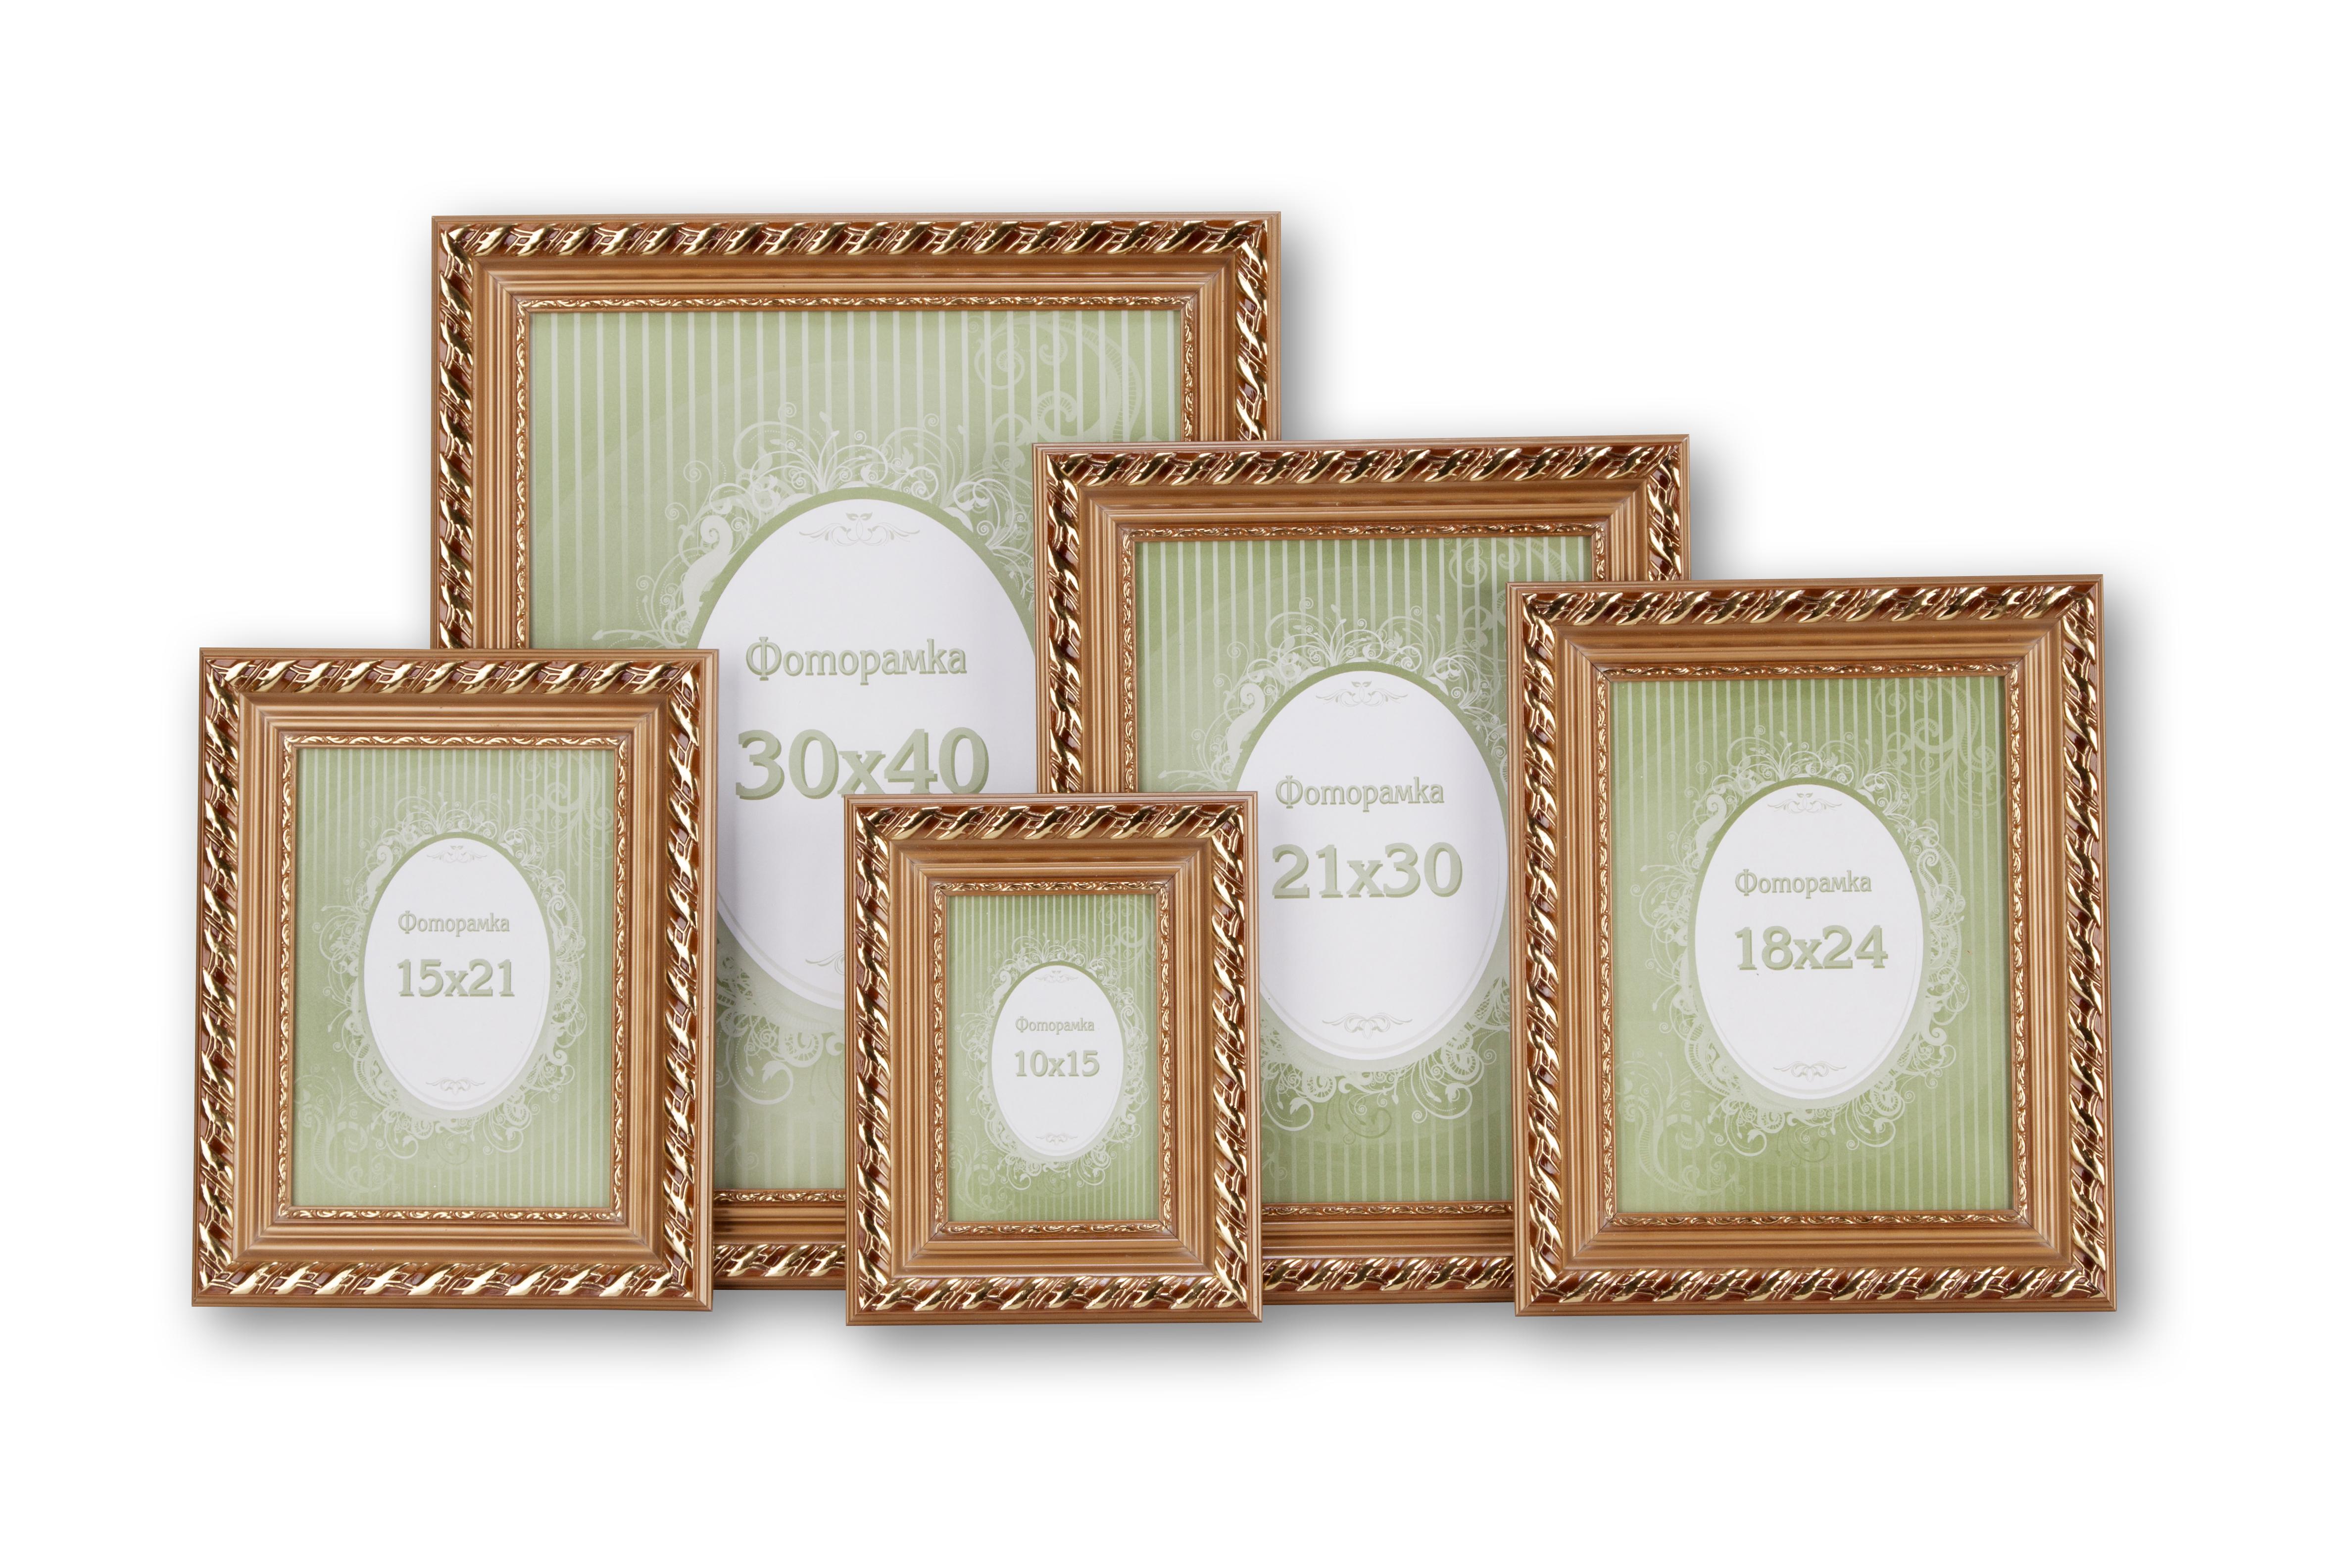 Сбор заказов. Недорогие деревянные Рамки. Идеально для оформления вышивок и картин по номерам в багет!